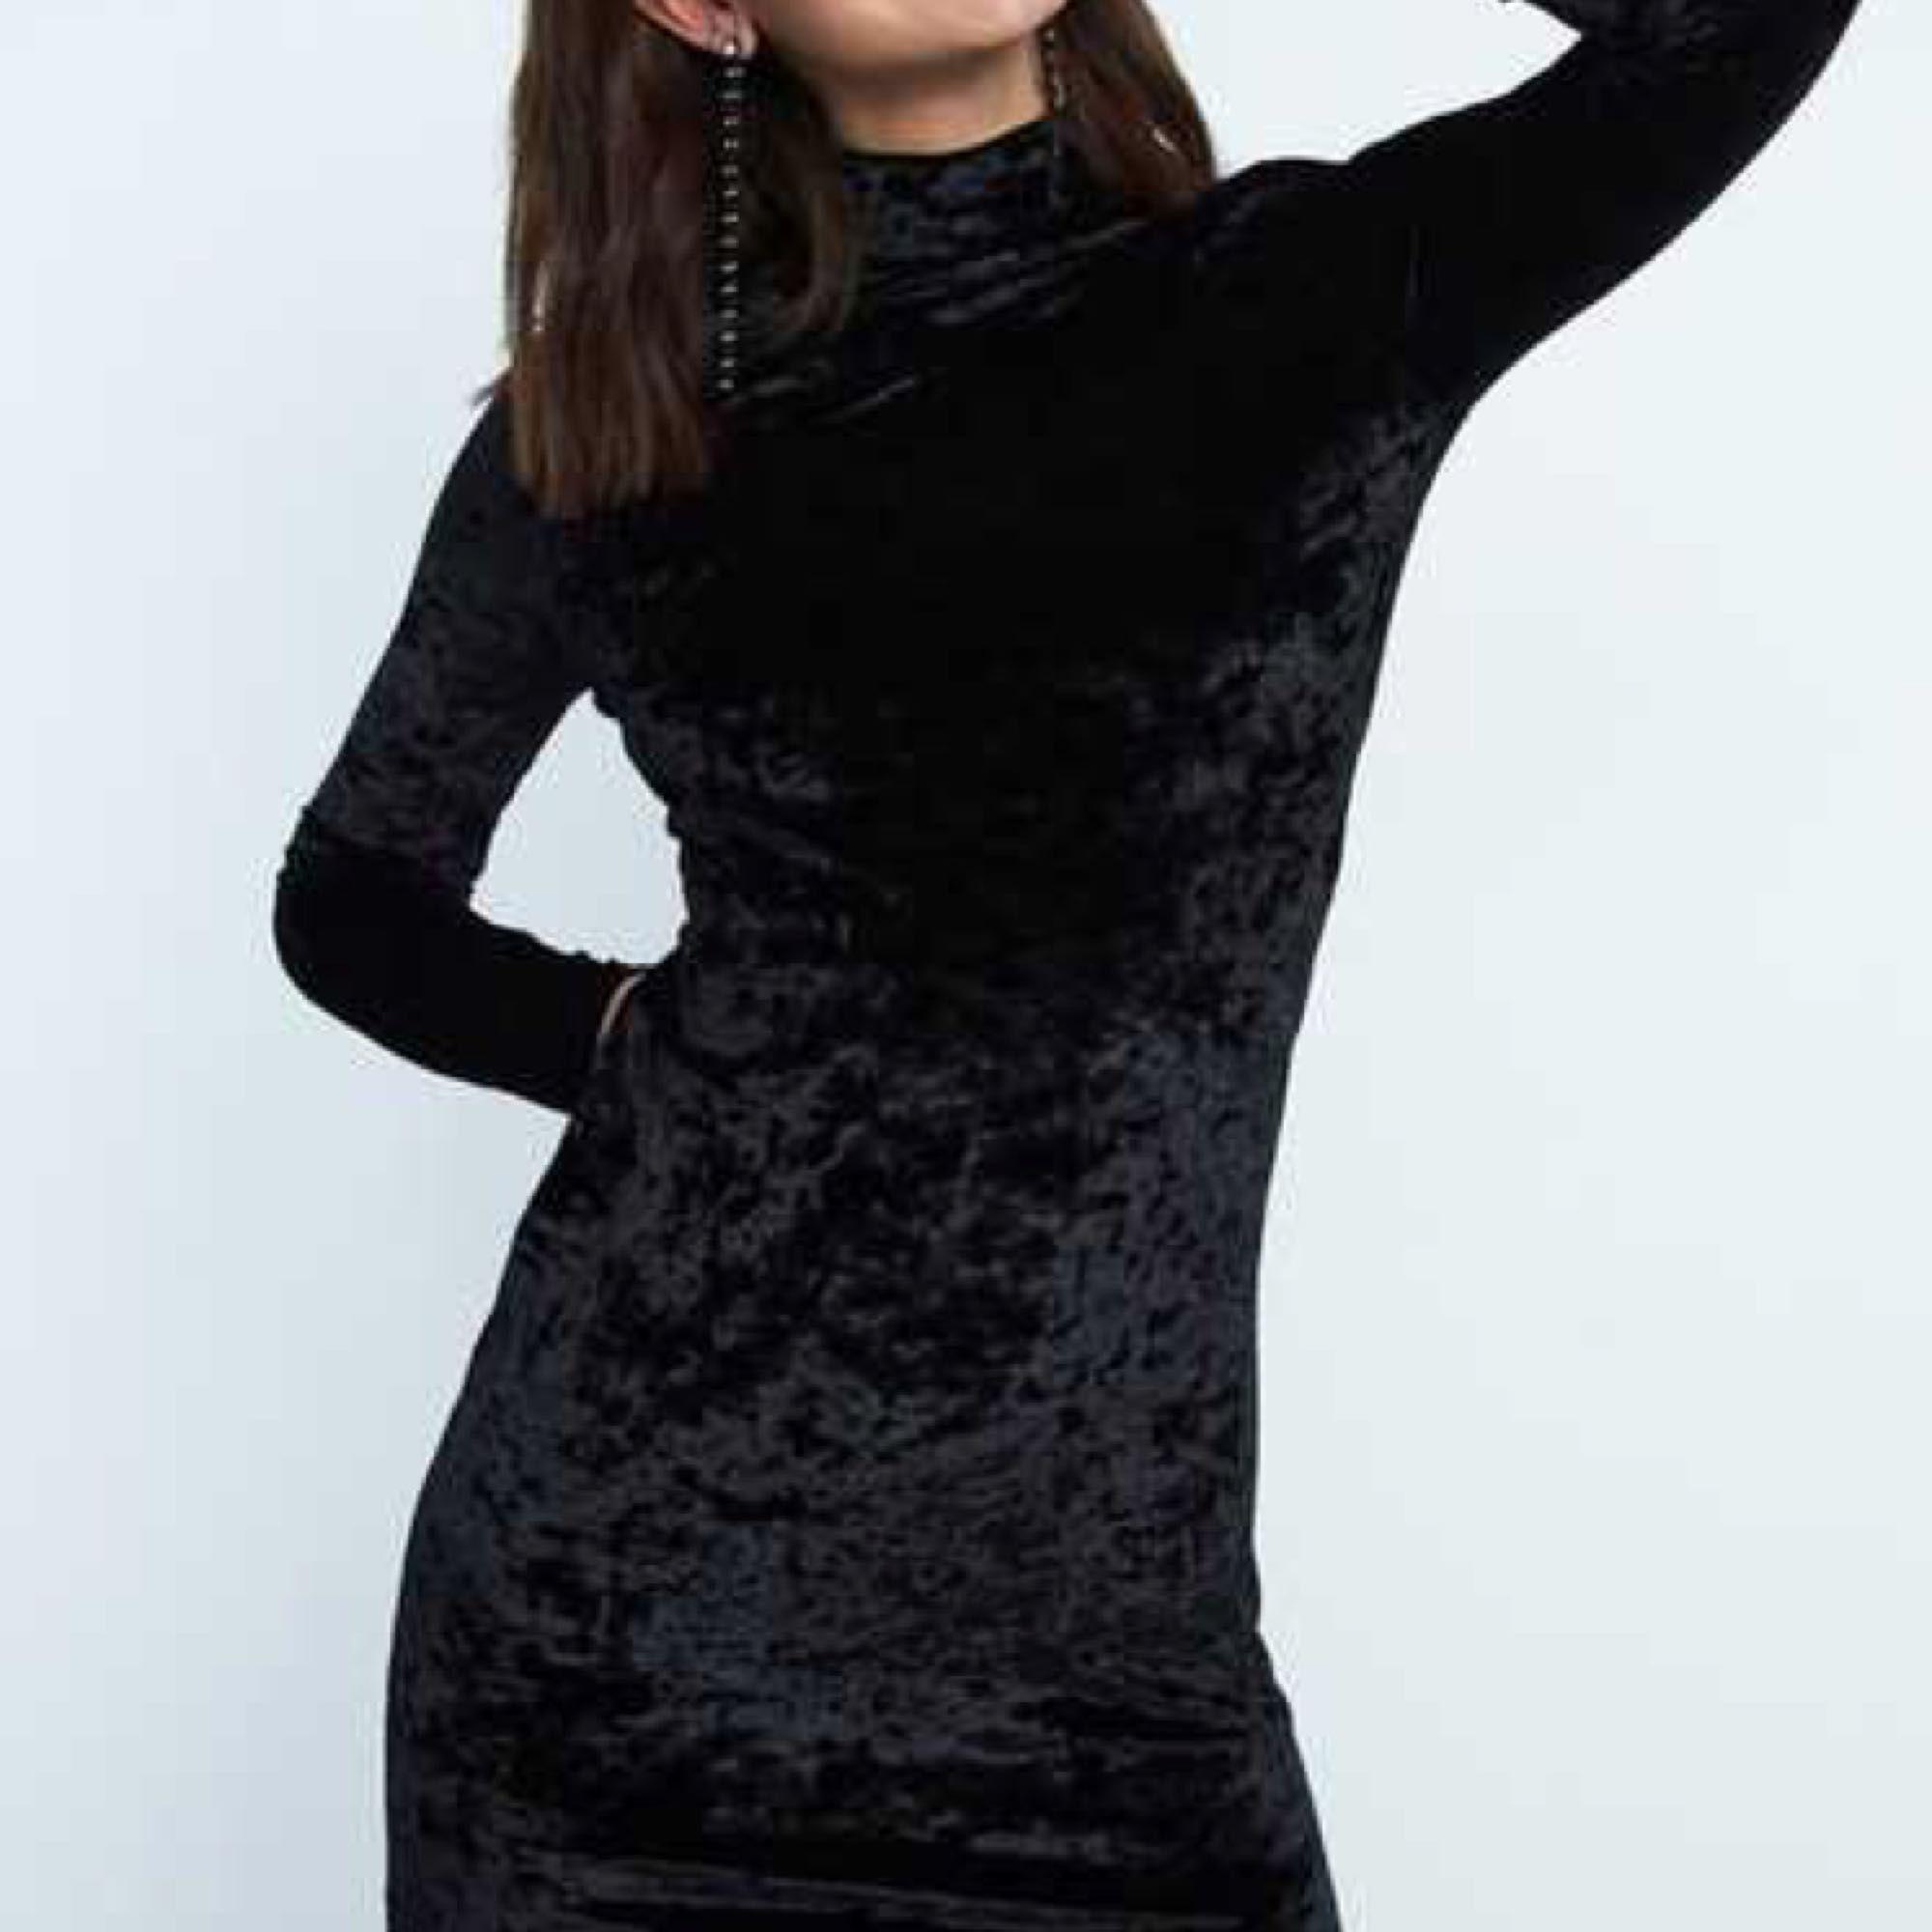 ea4d6a40a6d1 Bilderna visar klänningens fram-och Ny svart klänning i sammetsliknande  tyg, från Bikbok! Bilderna visar klänningens fram-och ...